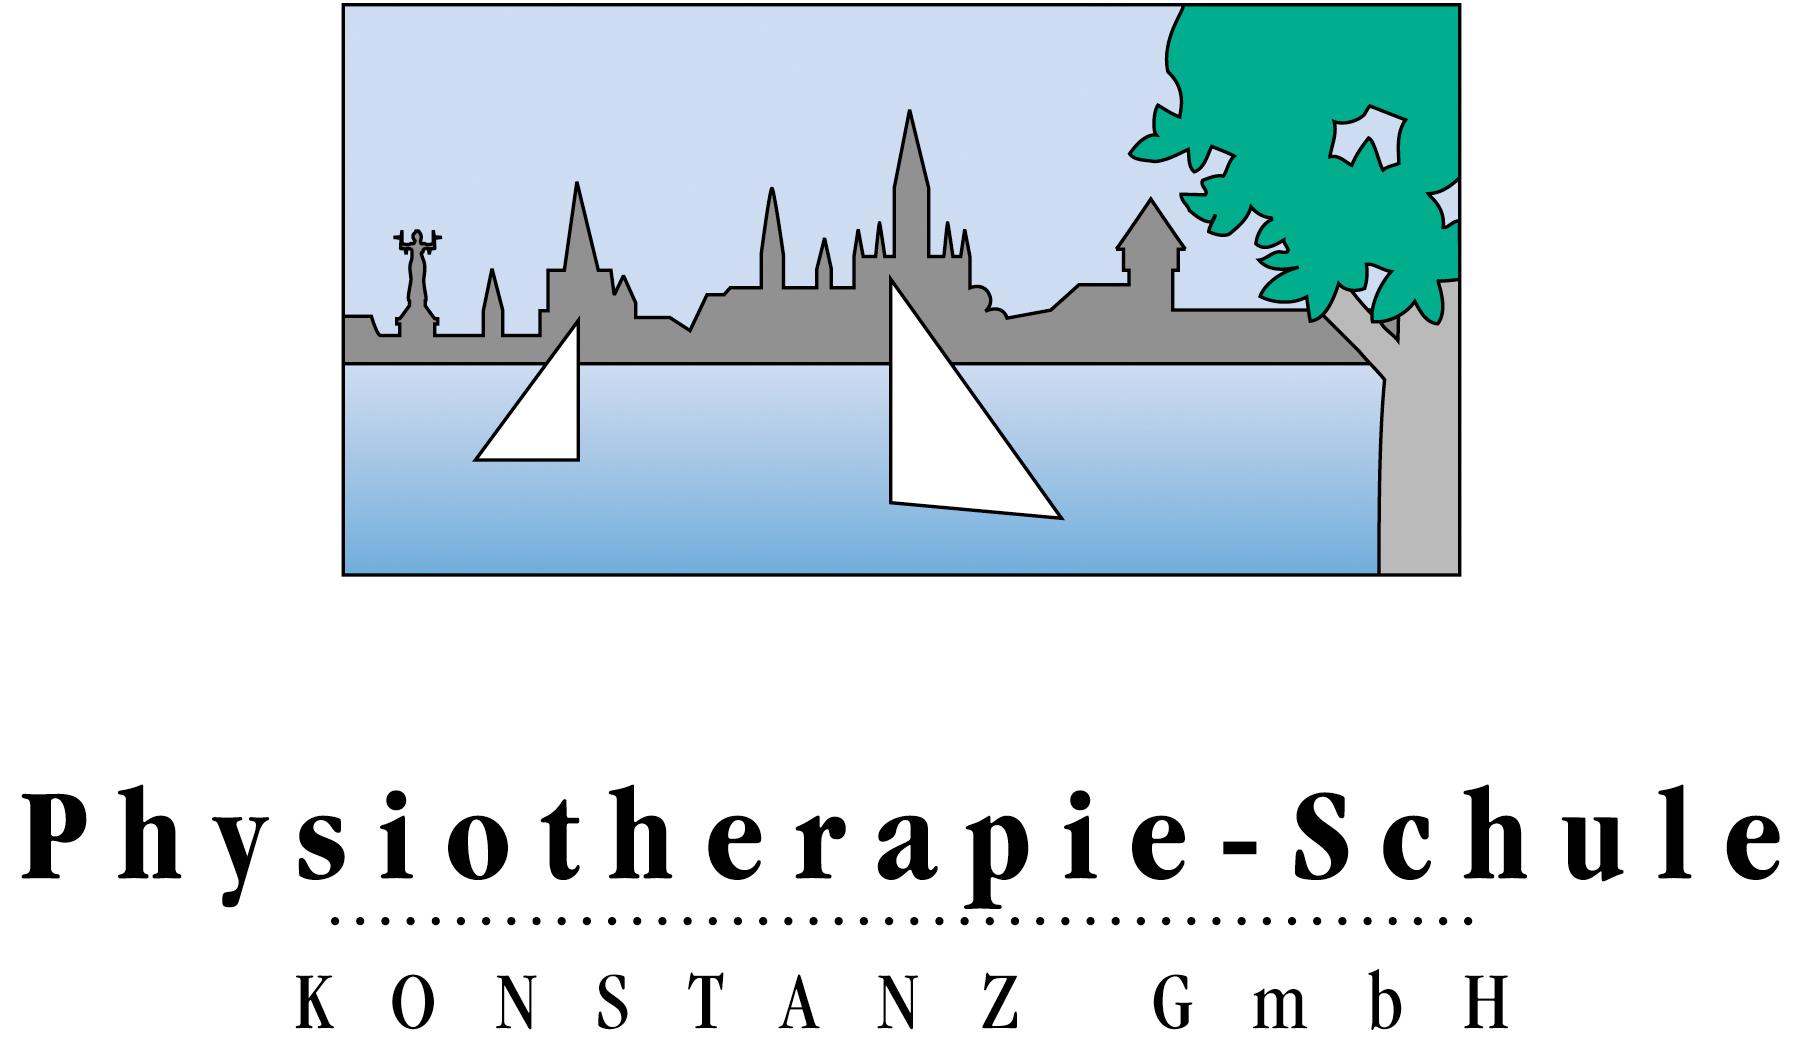 Physiotherapie-Schule Konstanz